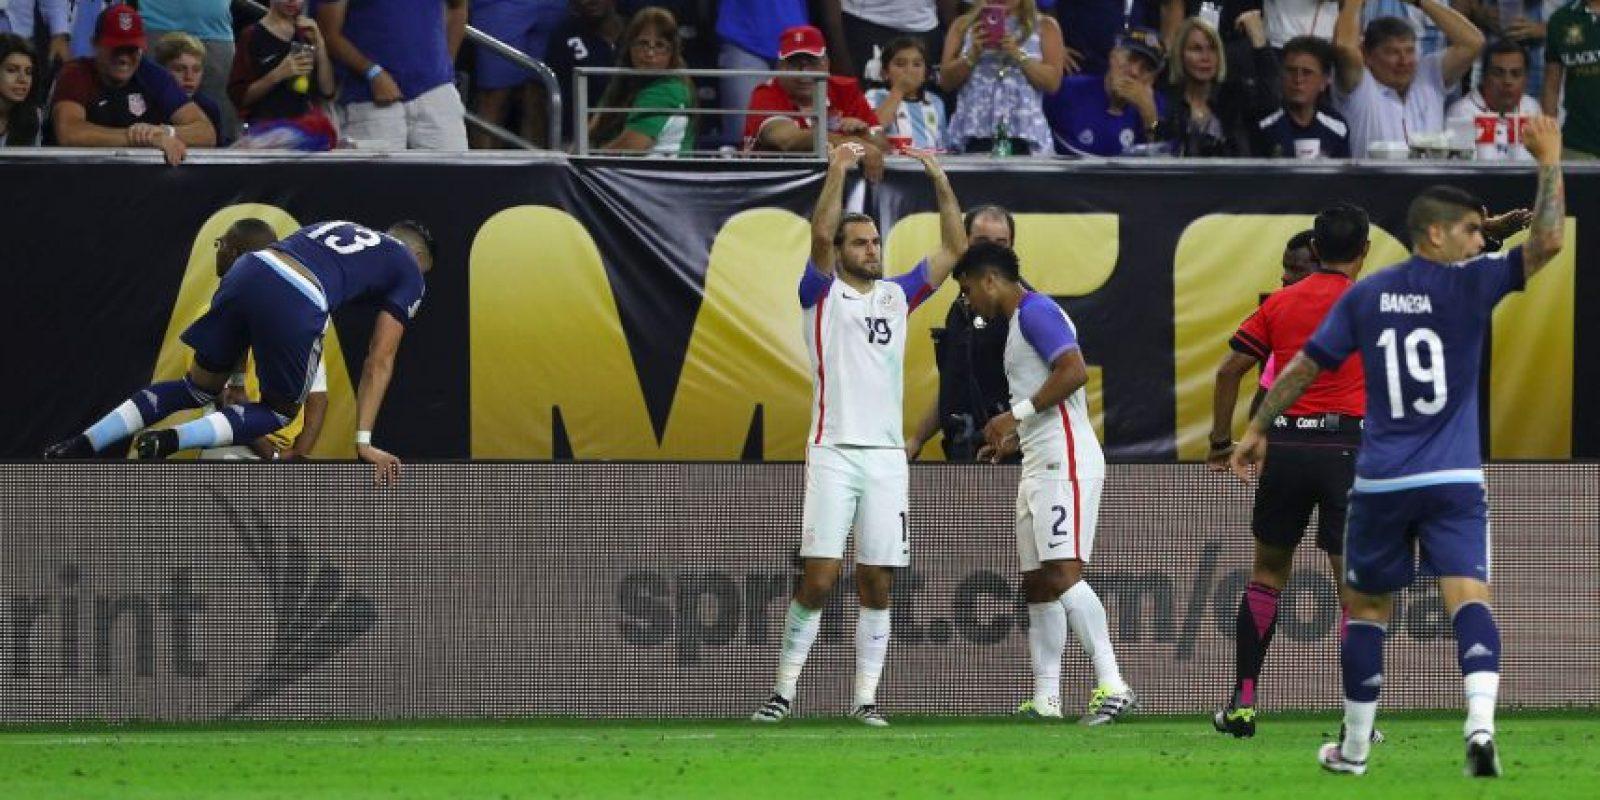 El delantero argentino cayó tras un aviso publicitario y muchos pensaron lo peor Foto:Getty Images